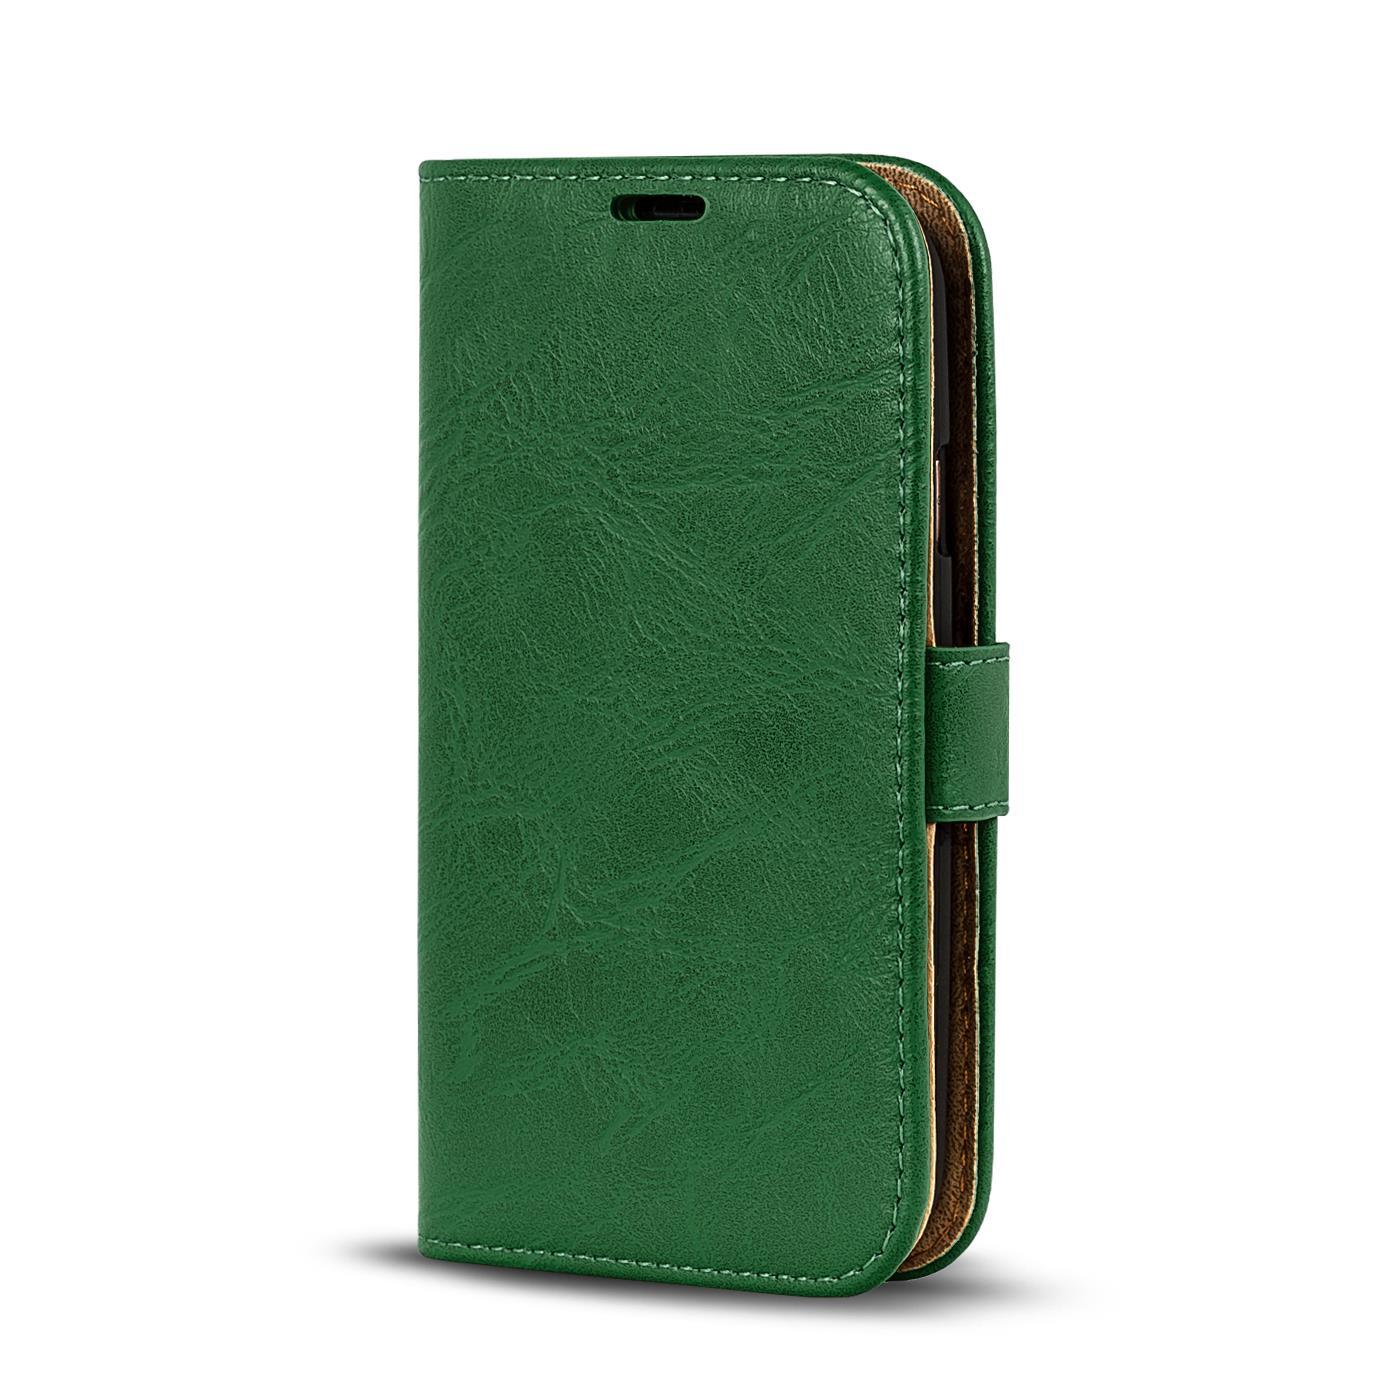 Klapphuelle-Samsung-Galaxy-S3-Mini-Huelle-Schutzhuelle-Wallet-Cover-Flip-Case Indexbild 12